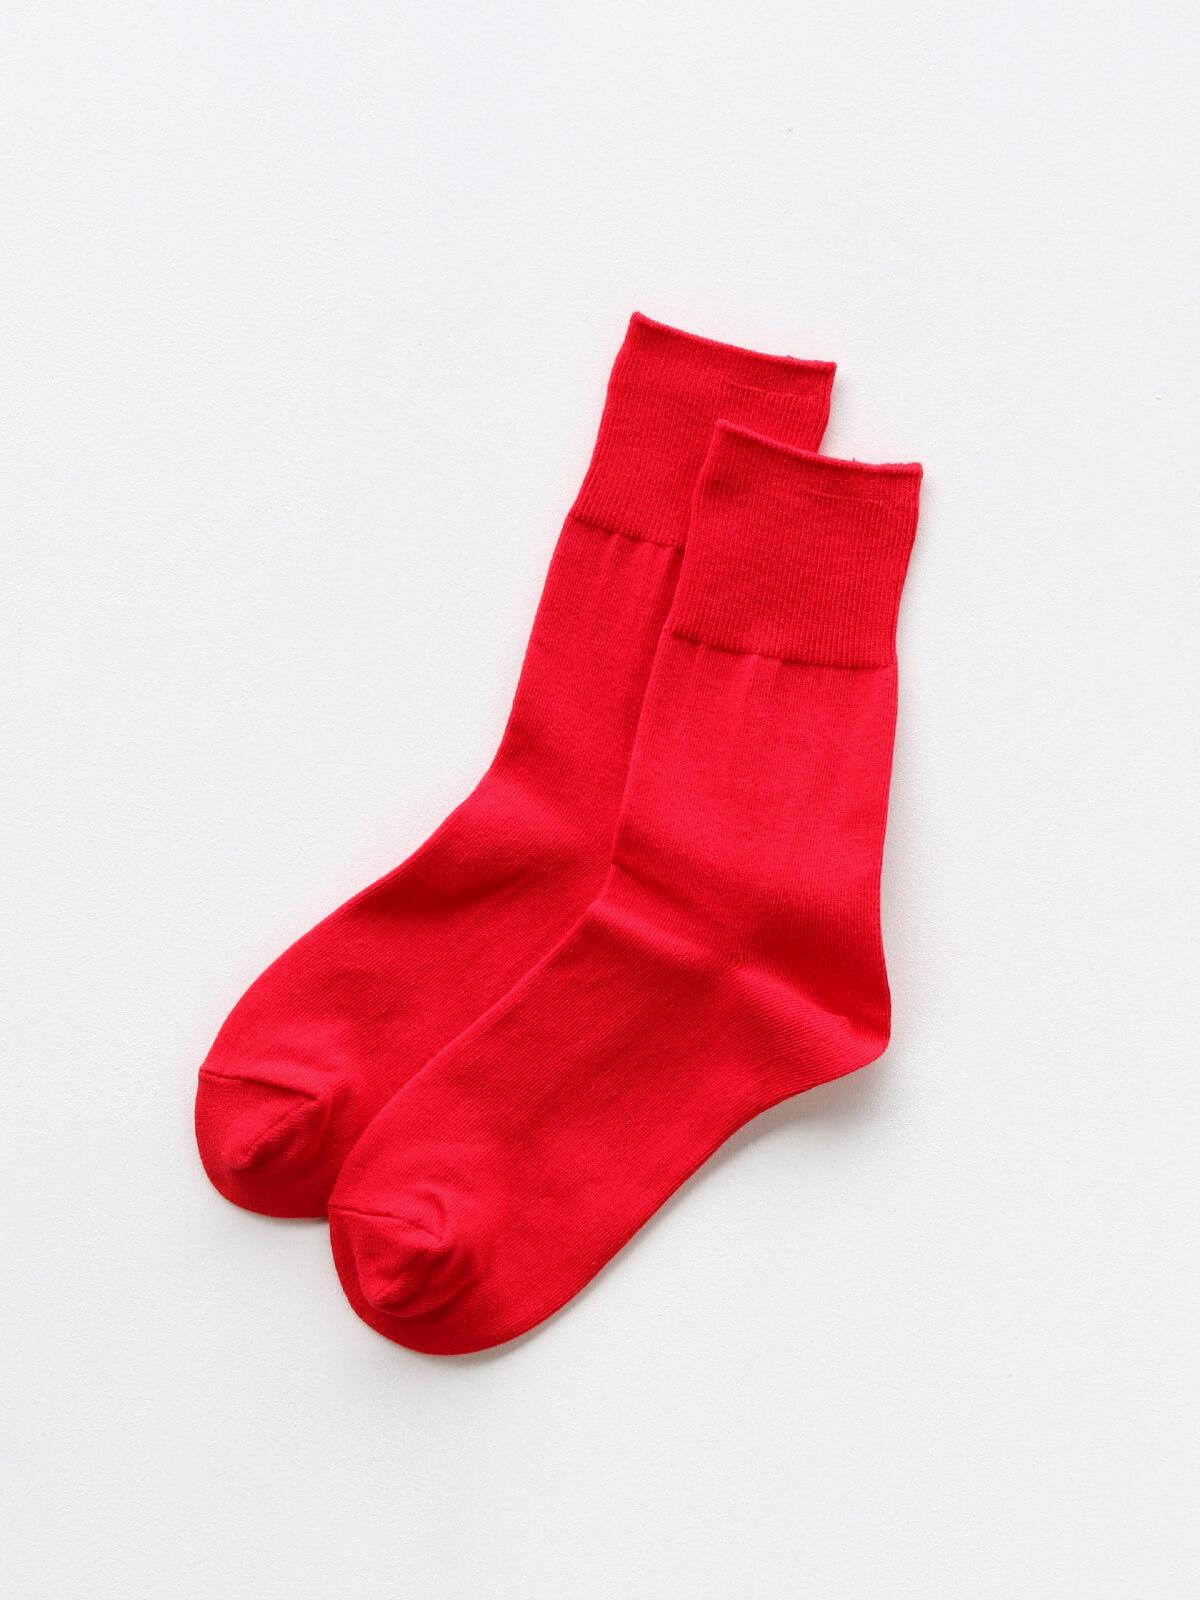 当たりつきギフト専用靴下のLUCKY SOCKS(ラッキーソックス)のLight Ankle Socks(ライトアンクルソックス)のレッド_2